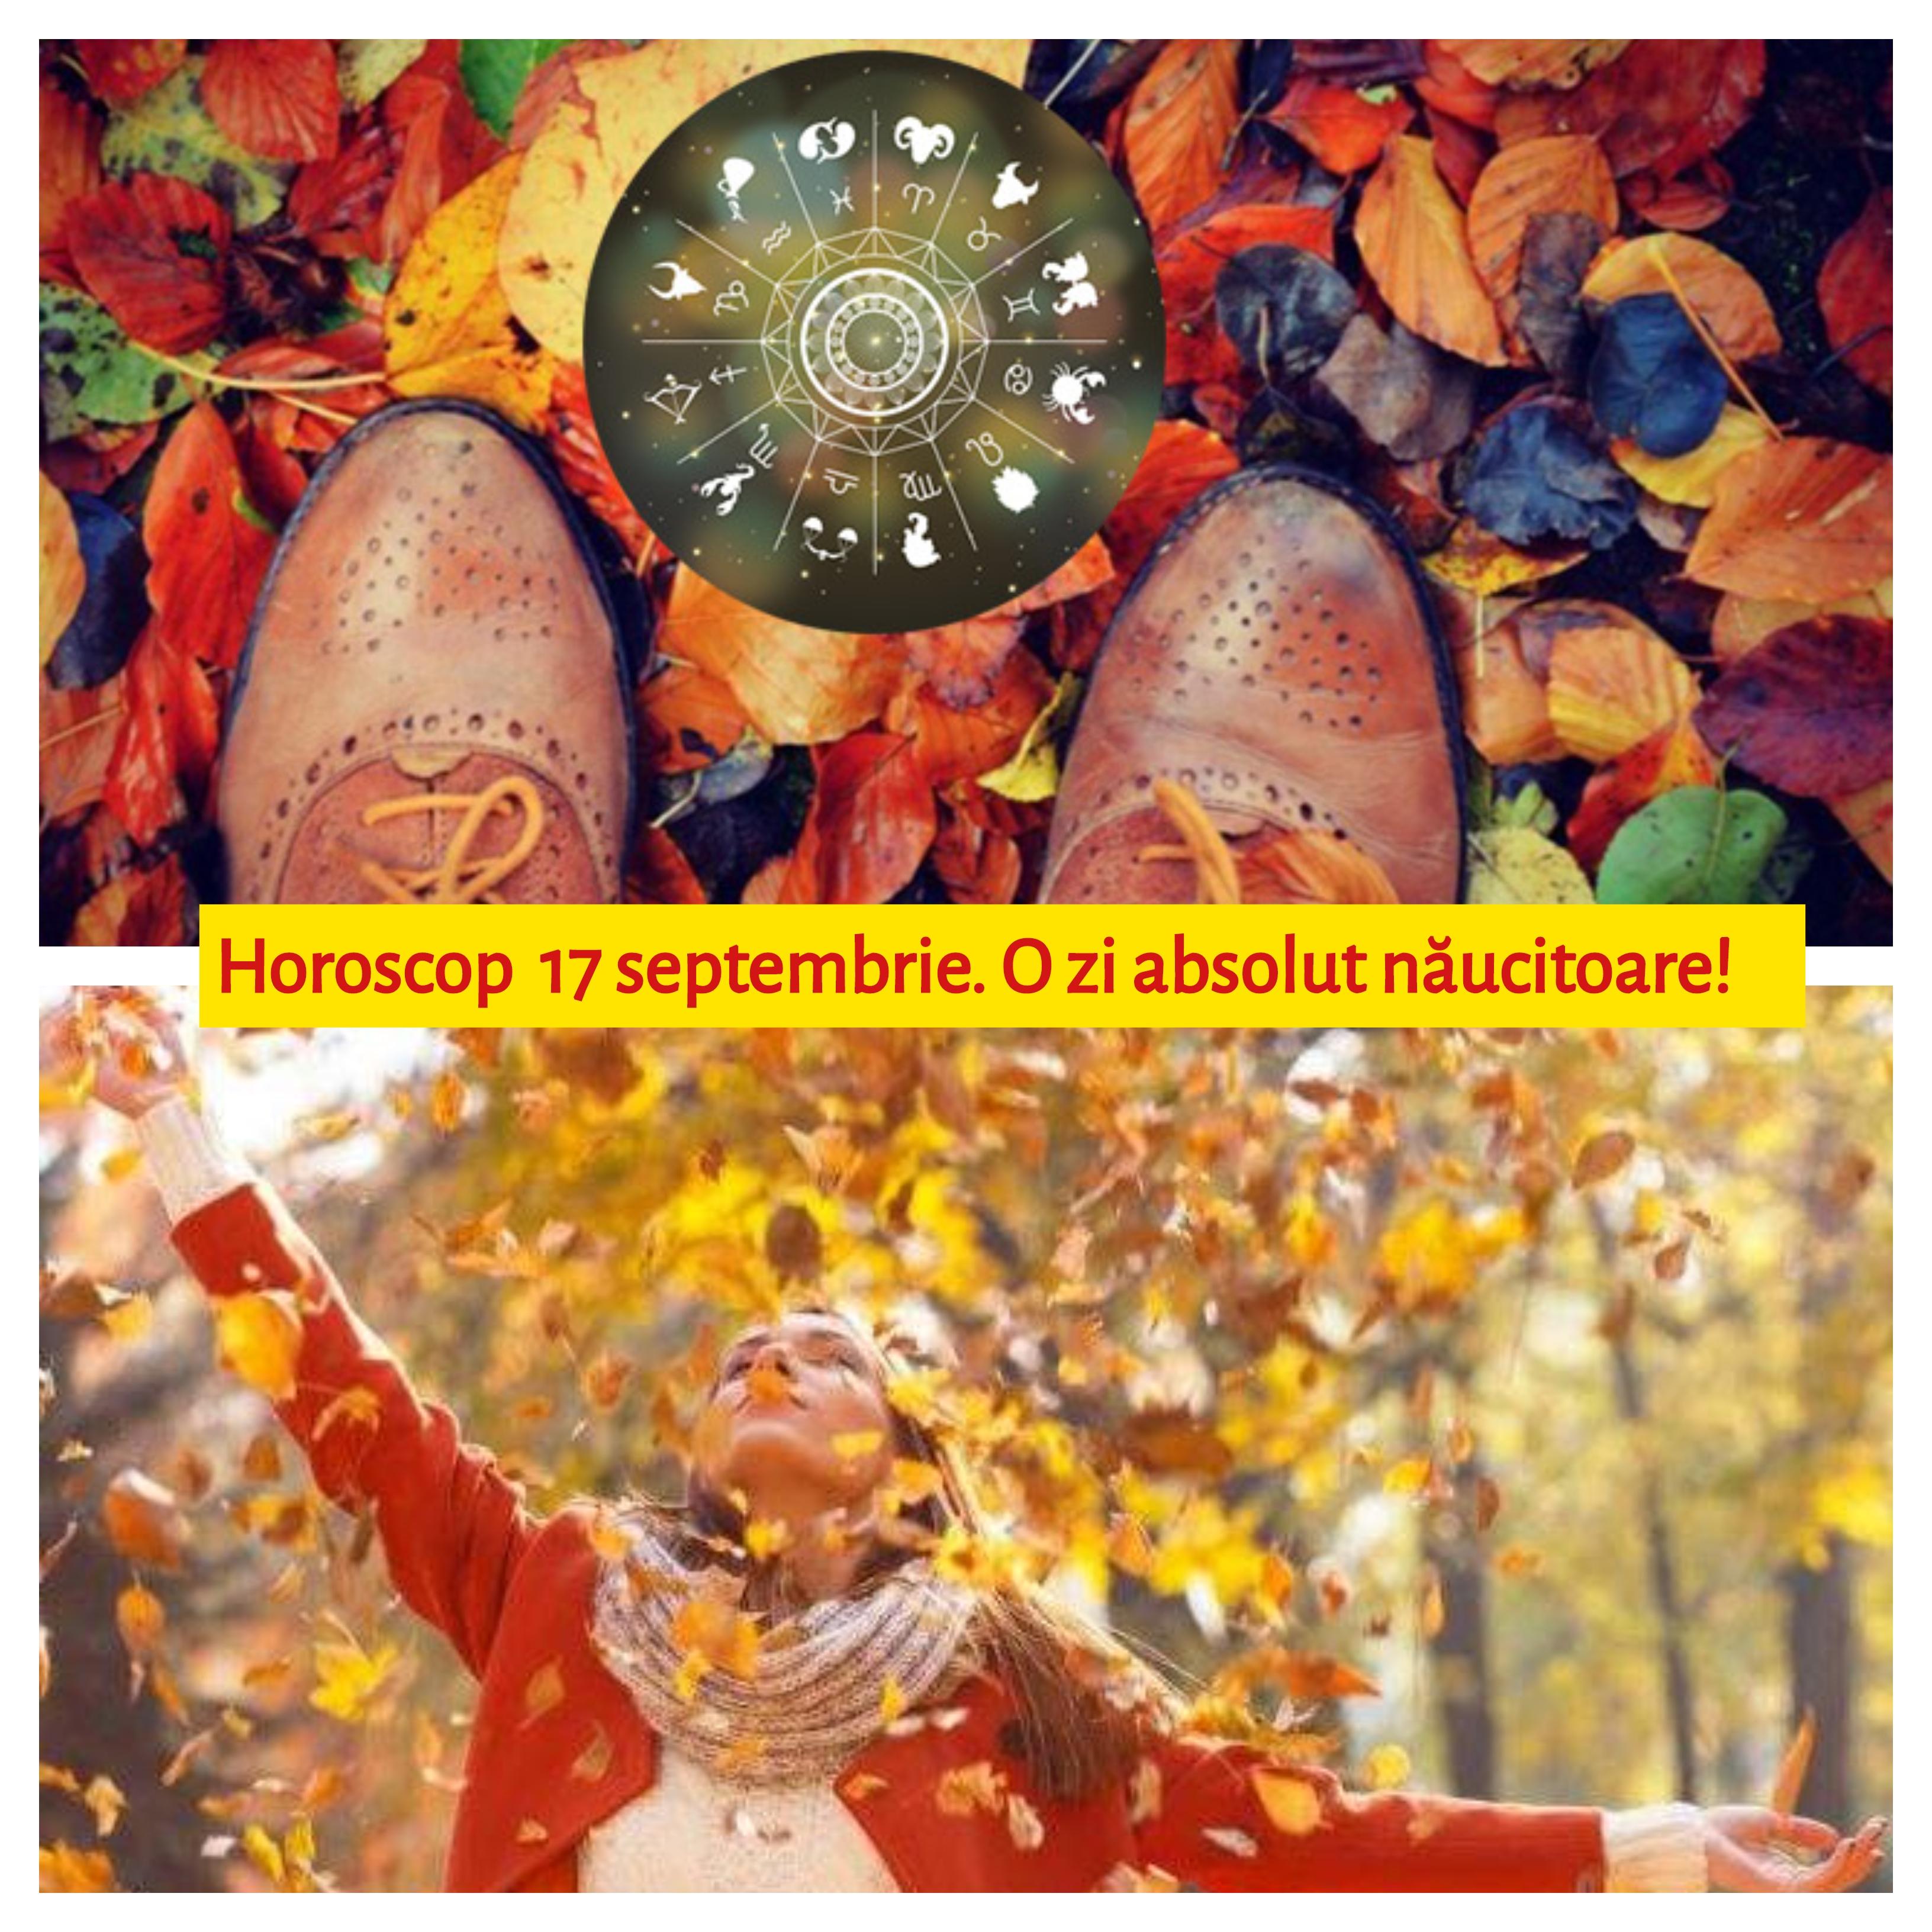 Horoscop marți, 17 septembrie. O zi absolut năucitoare! Nici nu vor înțelege ce se întâmplă!